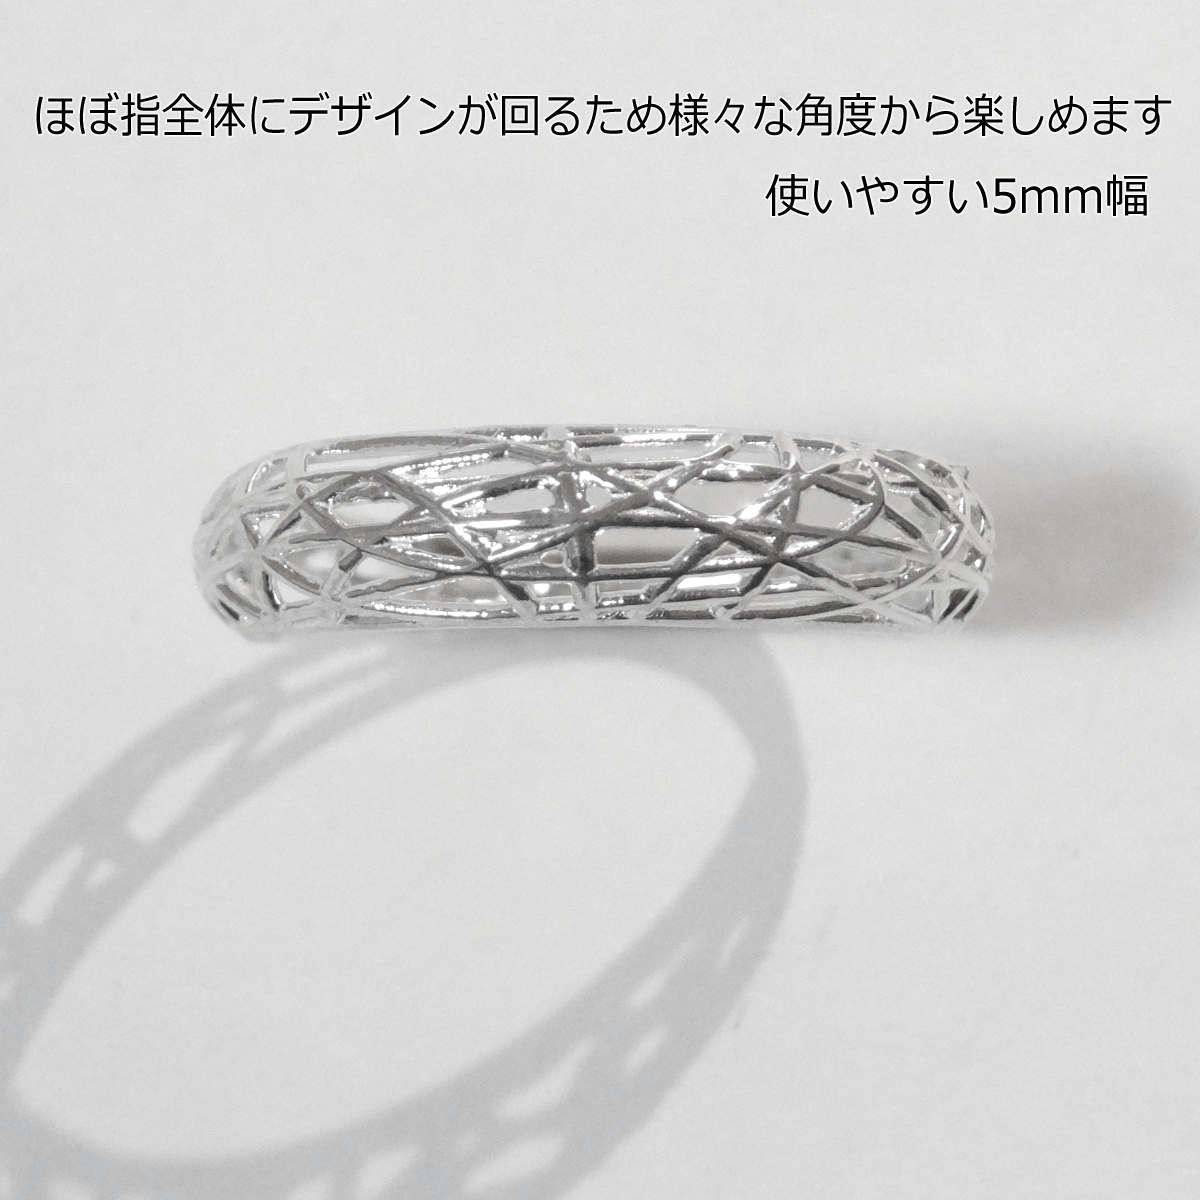 鳥の巣 立体 透かし 細工 リング 5mm幅 指輪 高級 ロジウムコーティング シルバー SV925 ギフト